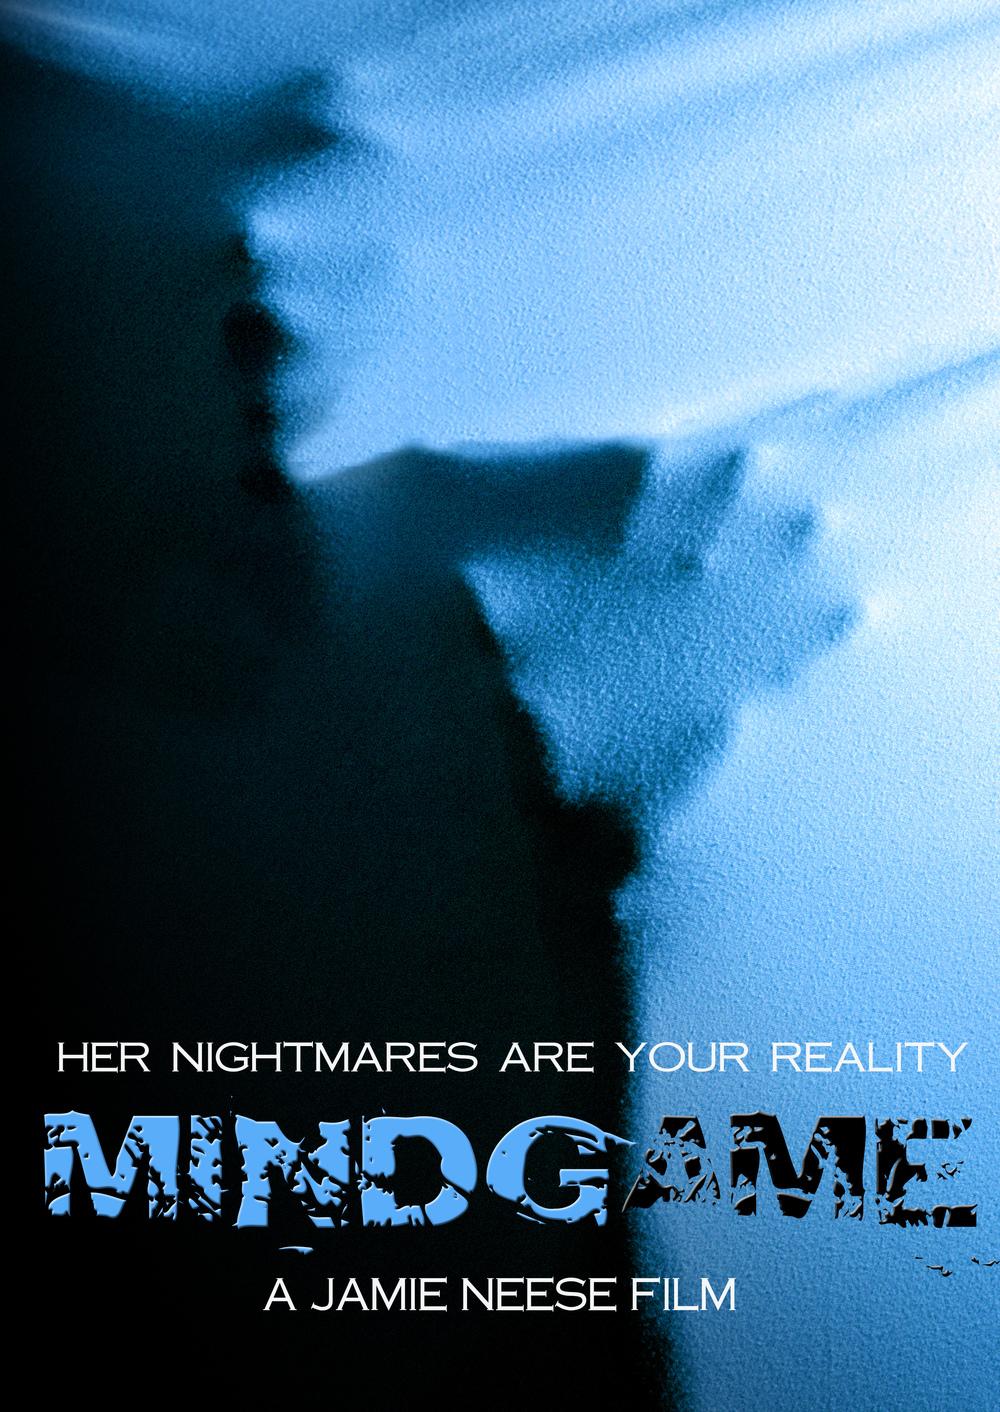 MINDGAME DVD FRONT COVER 2.jpg